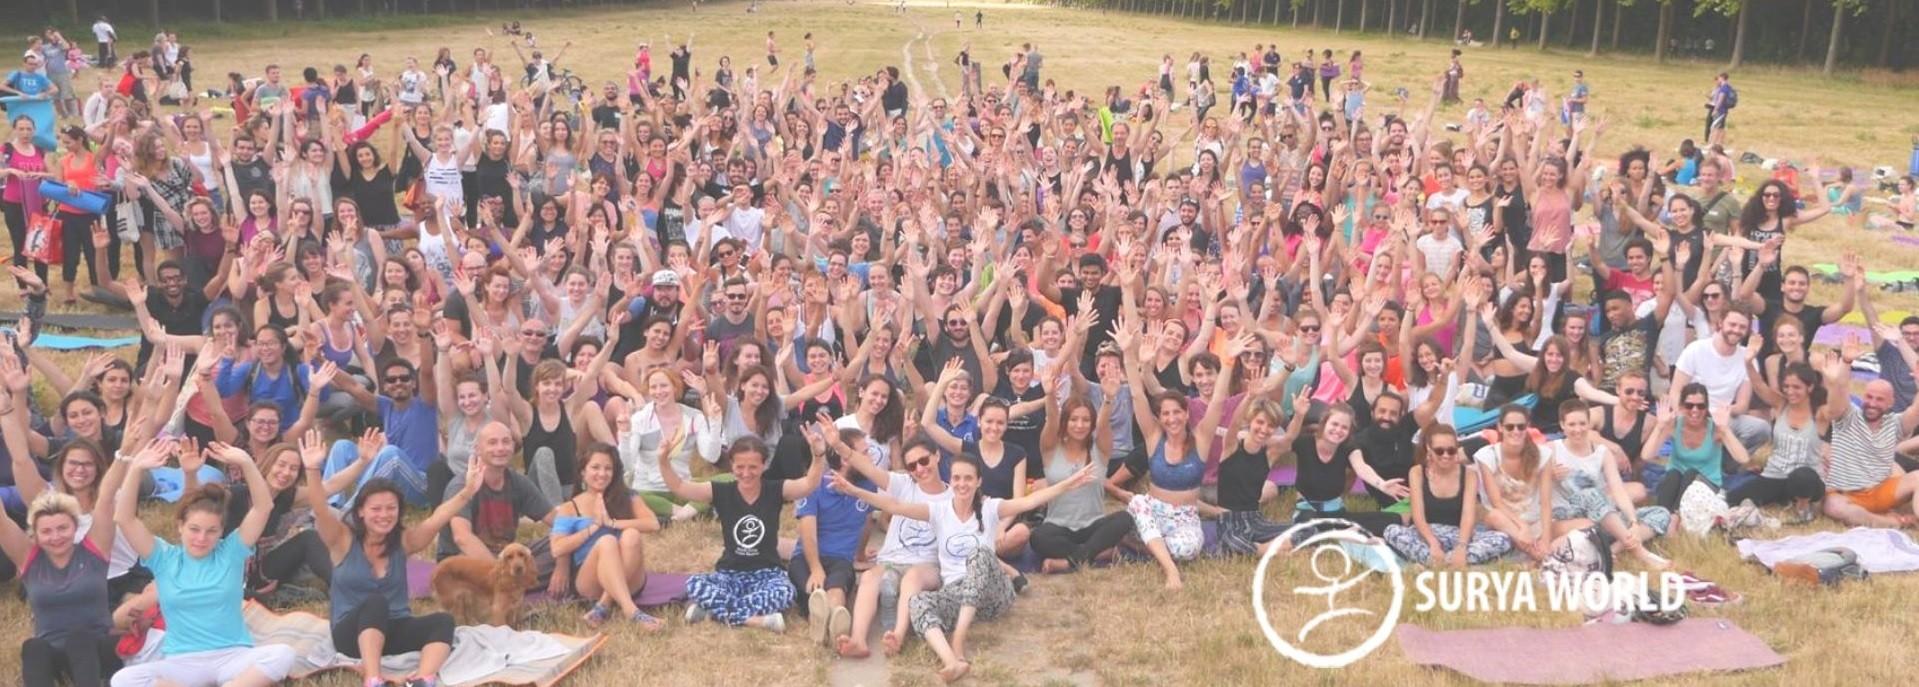 Paris: Free yoga class at Vincennes